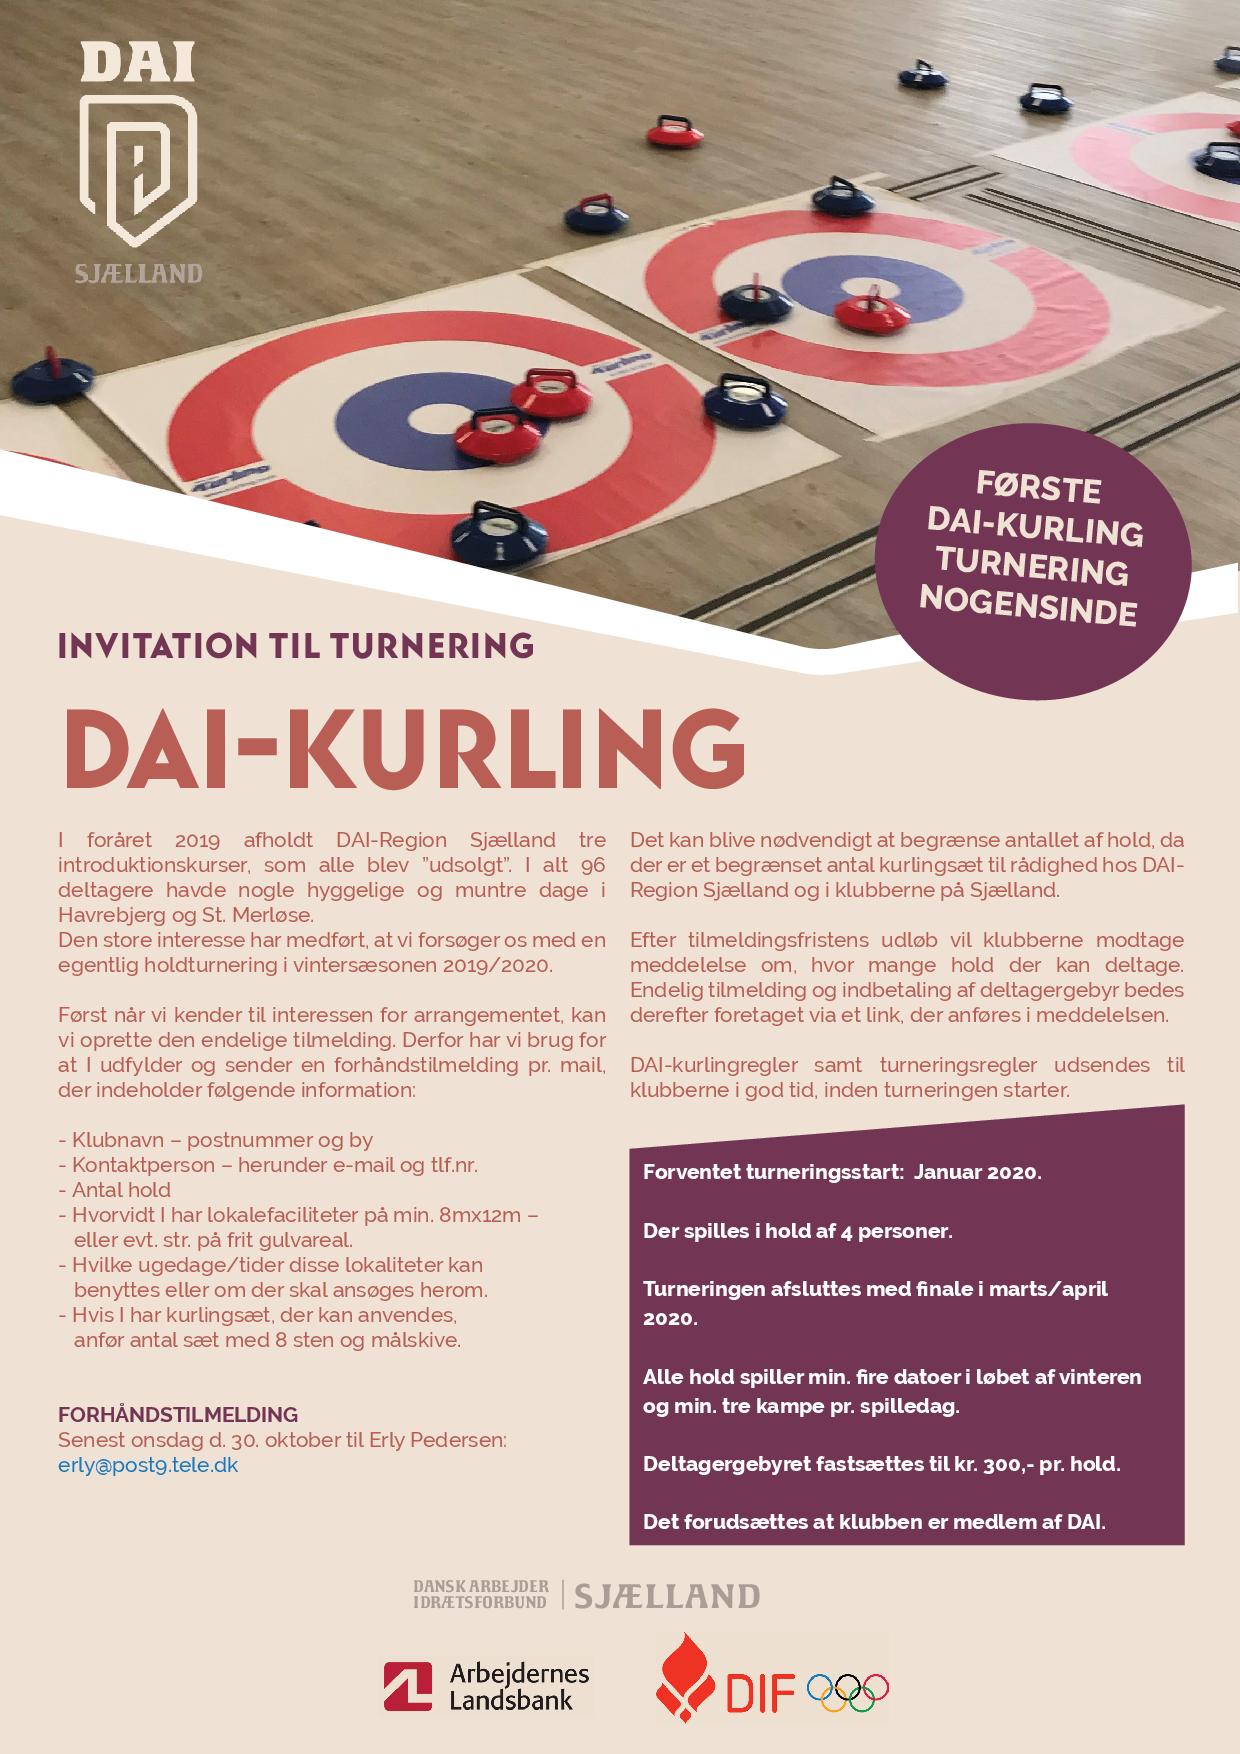 DAI (Dansk Arbejder Idrætsforbund) inviterer til DAI-Kurling turnering.